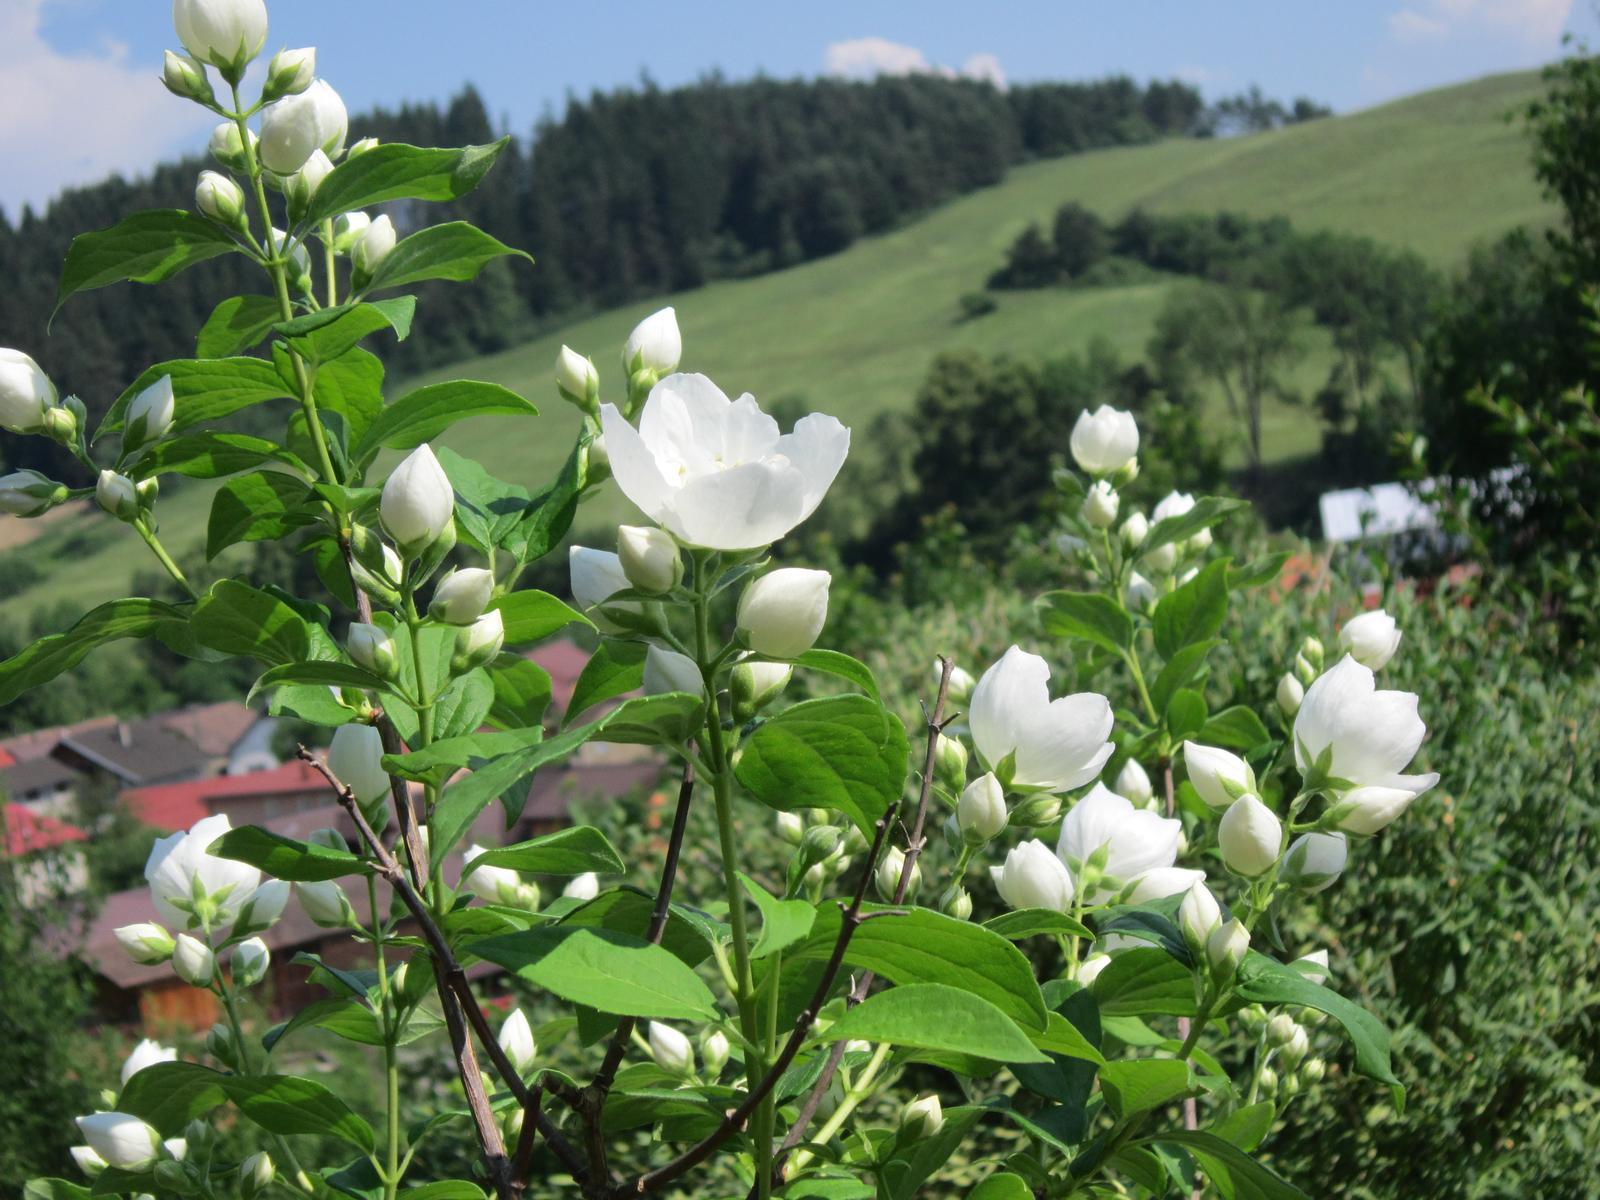 Pozvanie do našej jarnej záhrady - Pajazmín krásne vonia...prvý krát bohato zakvitol...